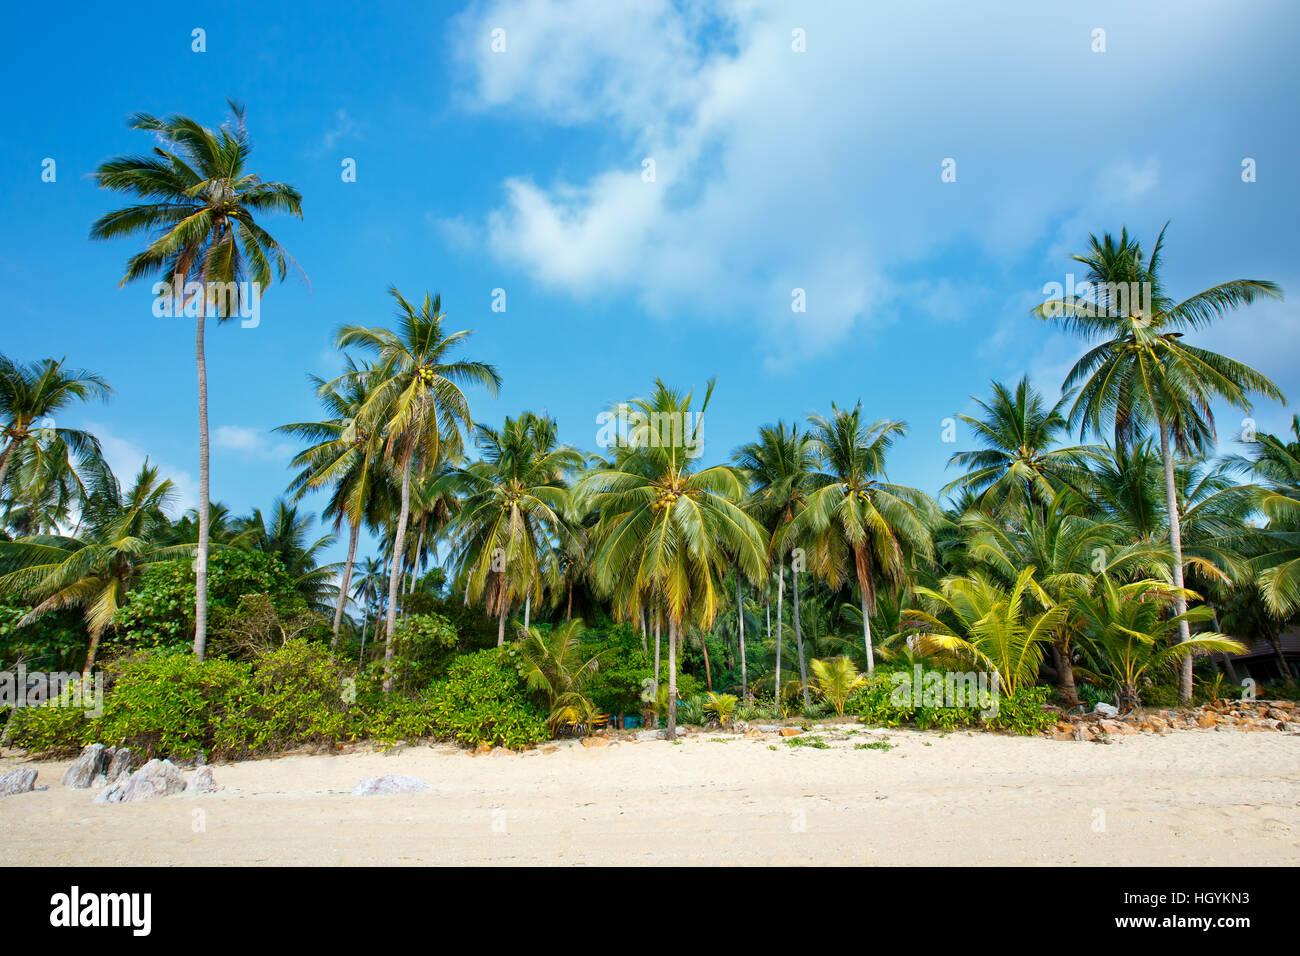 Tropische Strände und Kokospalmen in Koh Samui, Thailand Stockbild